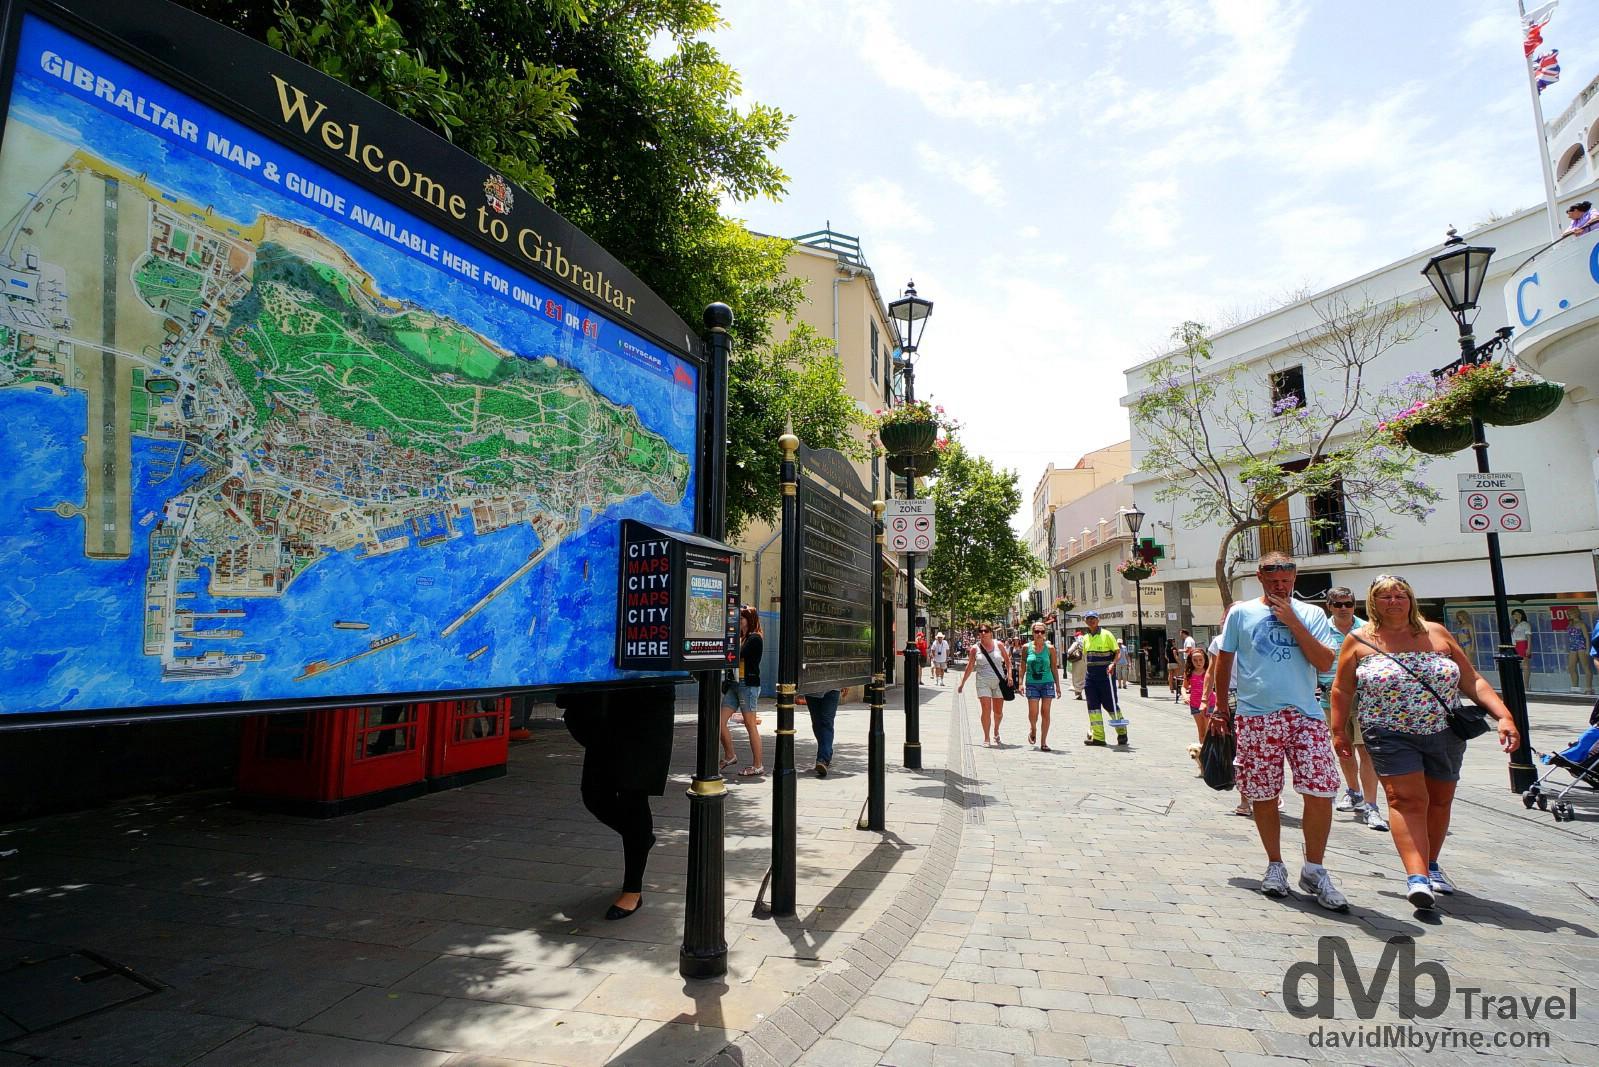 The start of Main Street in Gibraltar. June 5th, 2014.